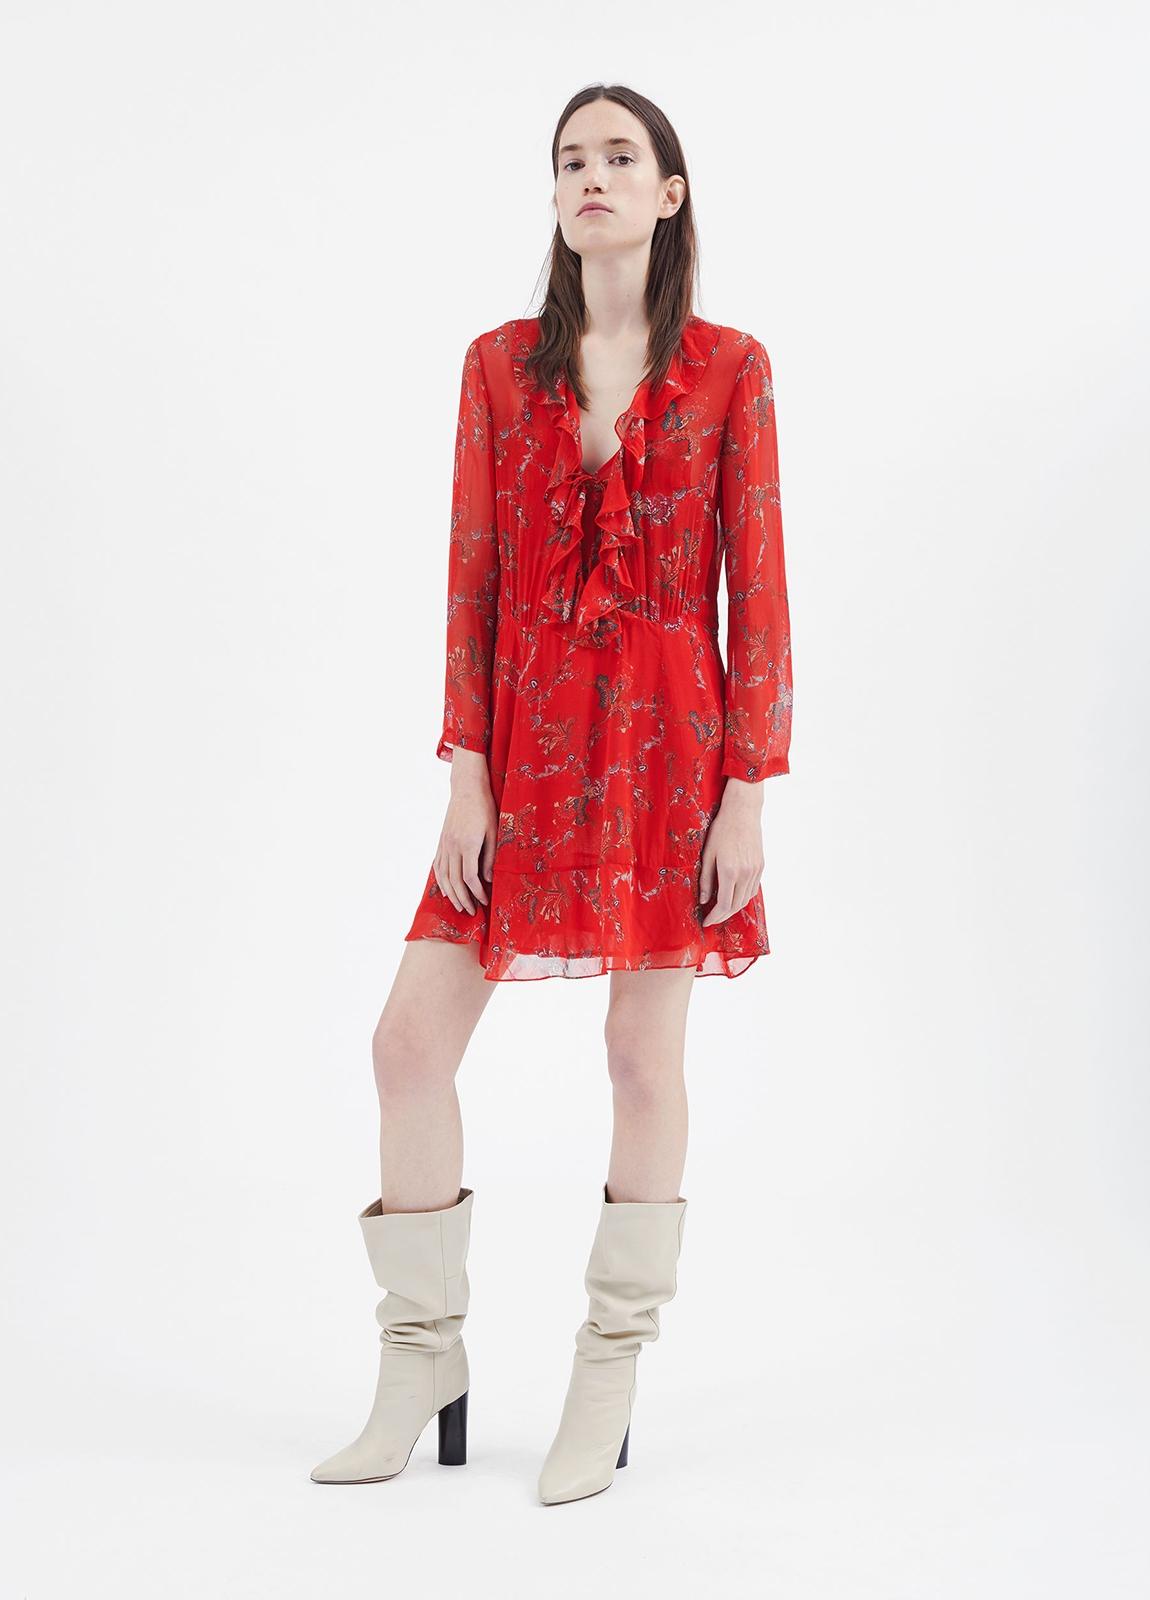 Vestido estampado floral color rojo con detalle de volantes. 100% Viscosa.